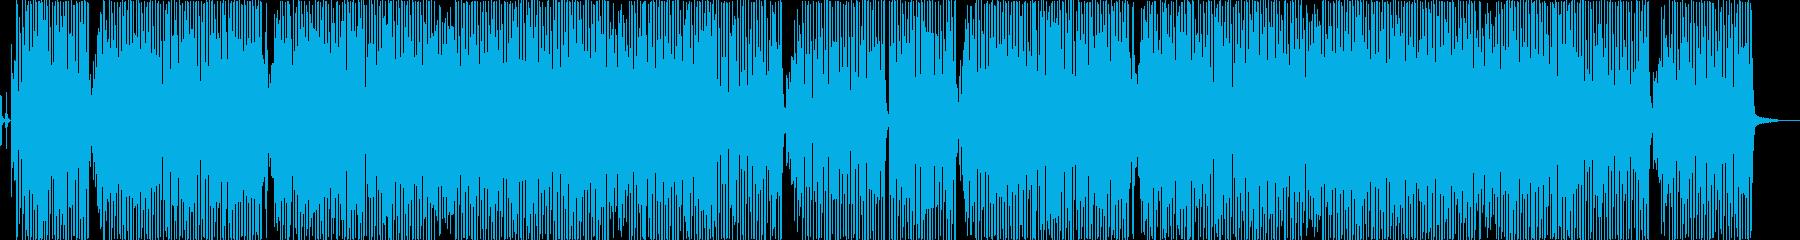 テーマパークで流れるようなビッグバンド曲の再生済みの波形